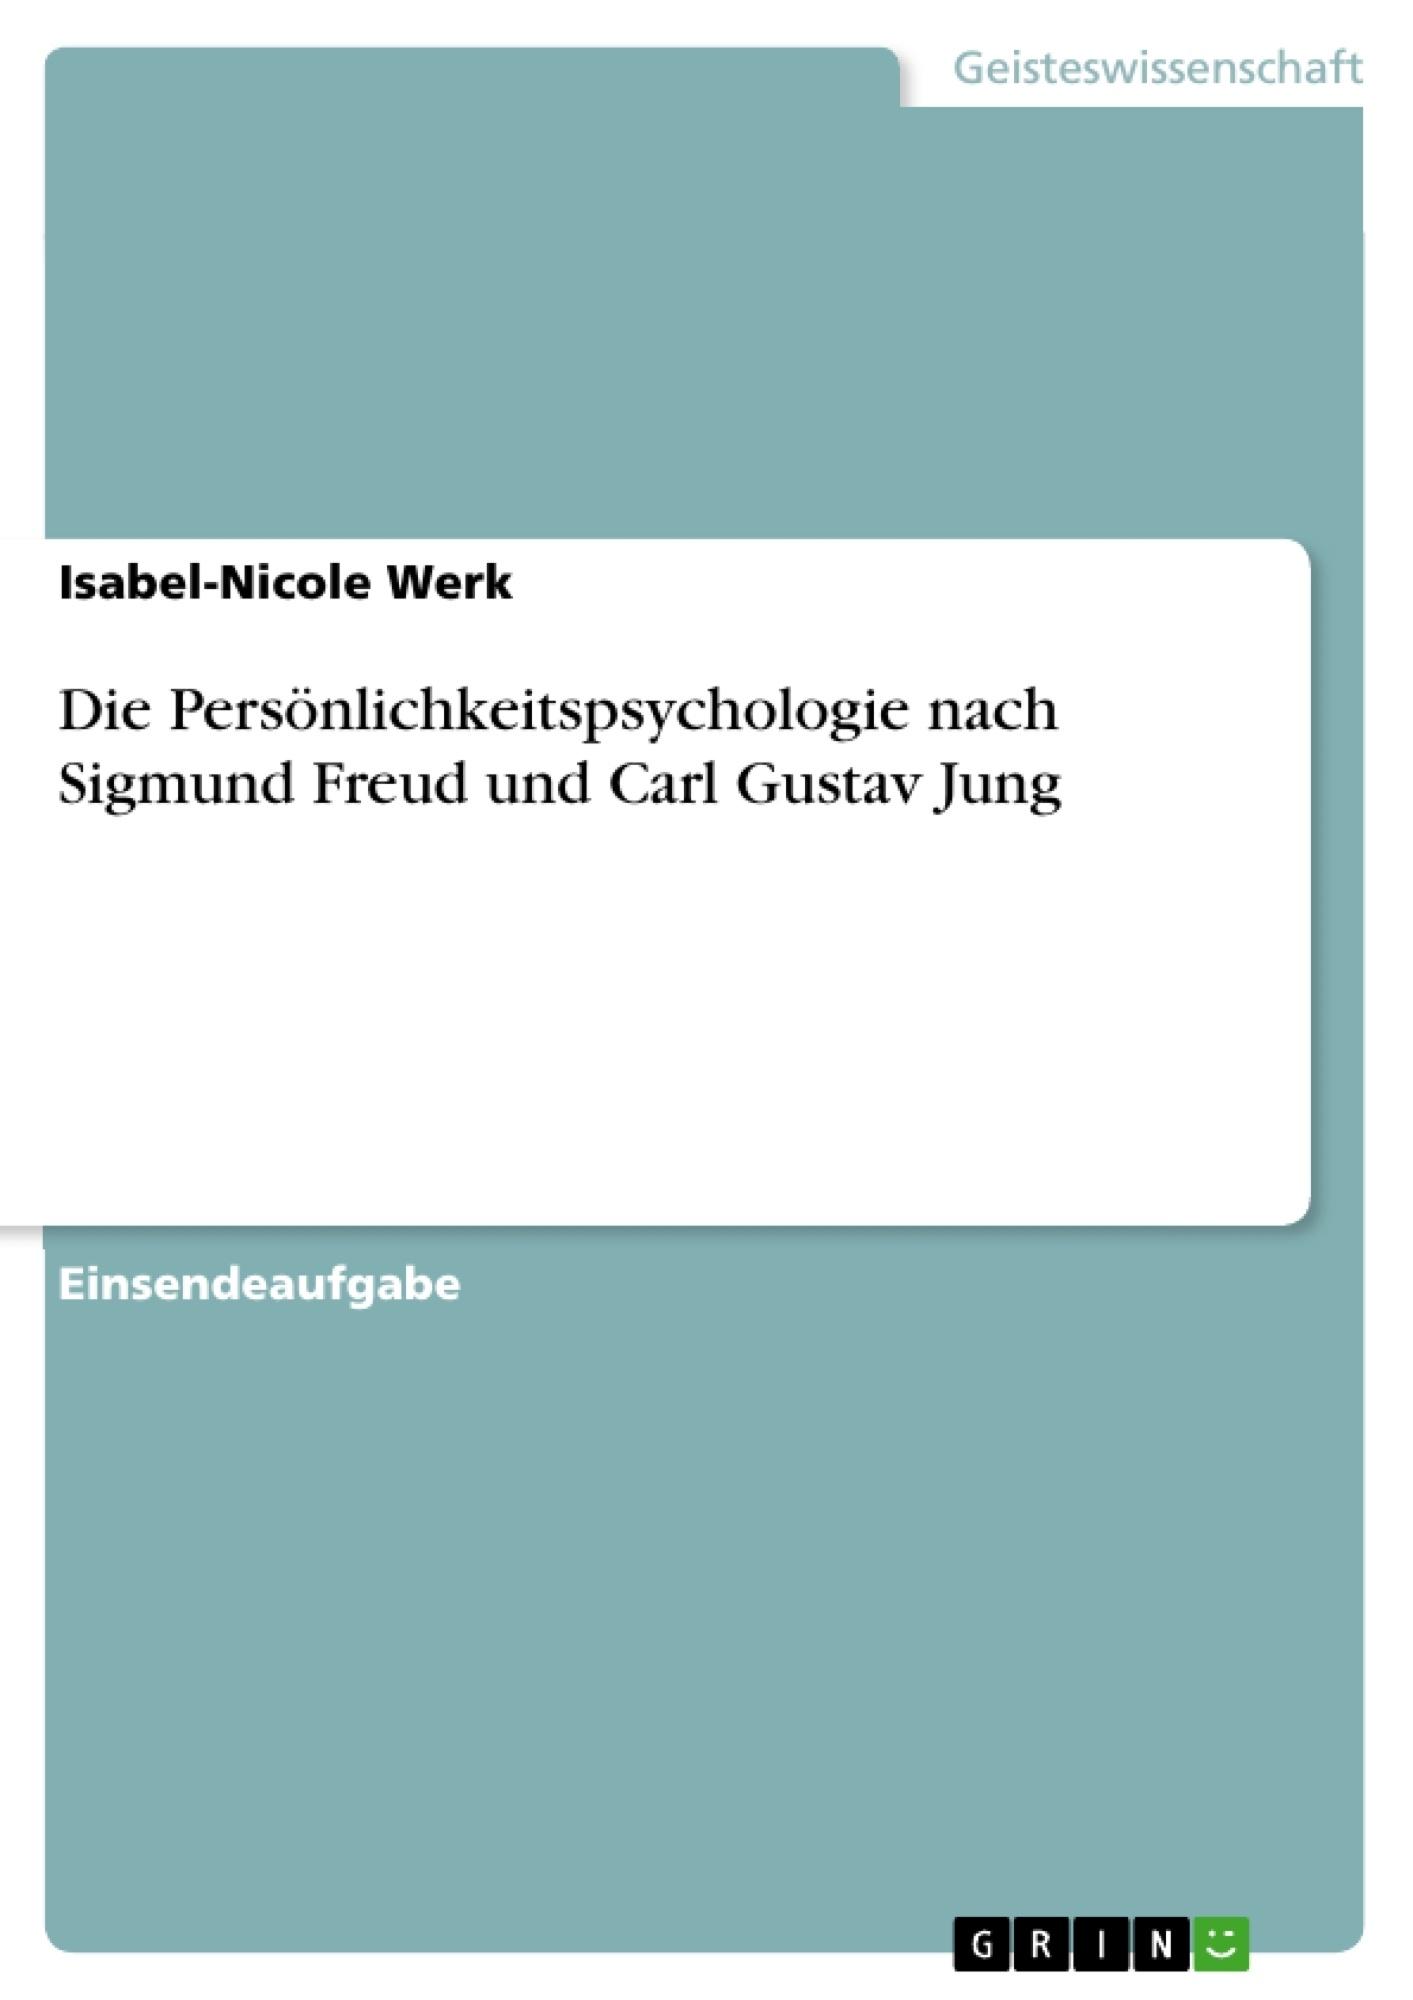 Titel: Die Persönlichkeitspsychologie nach Sigmund Freud und Carl Gustav Jung